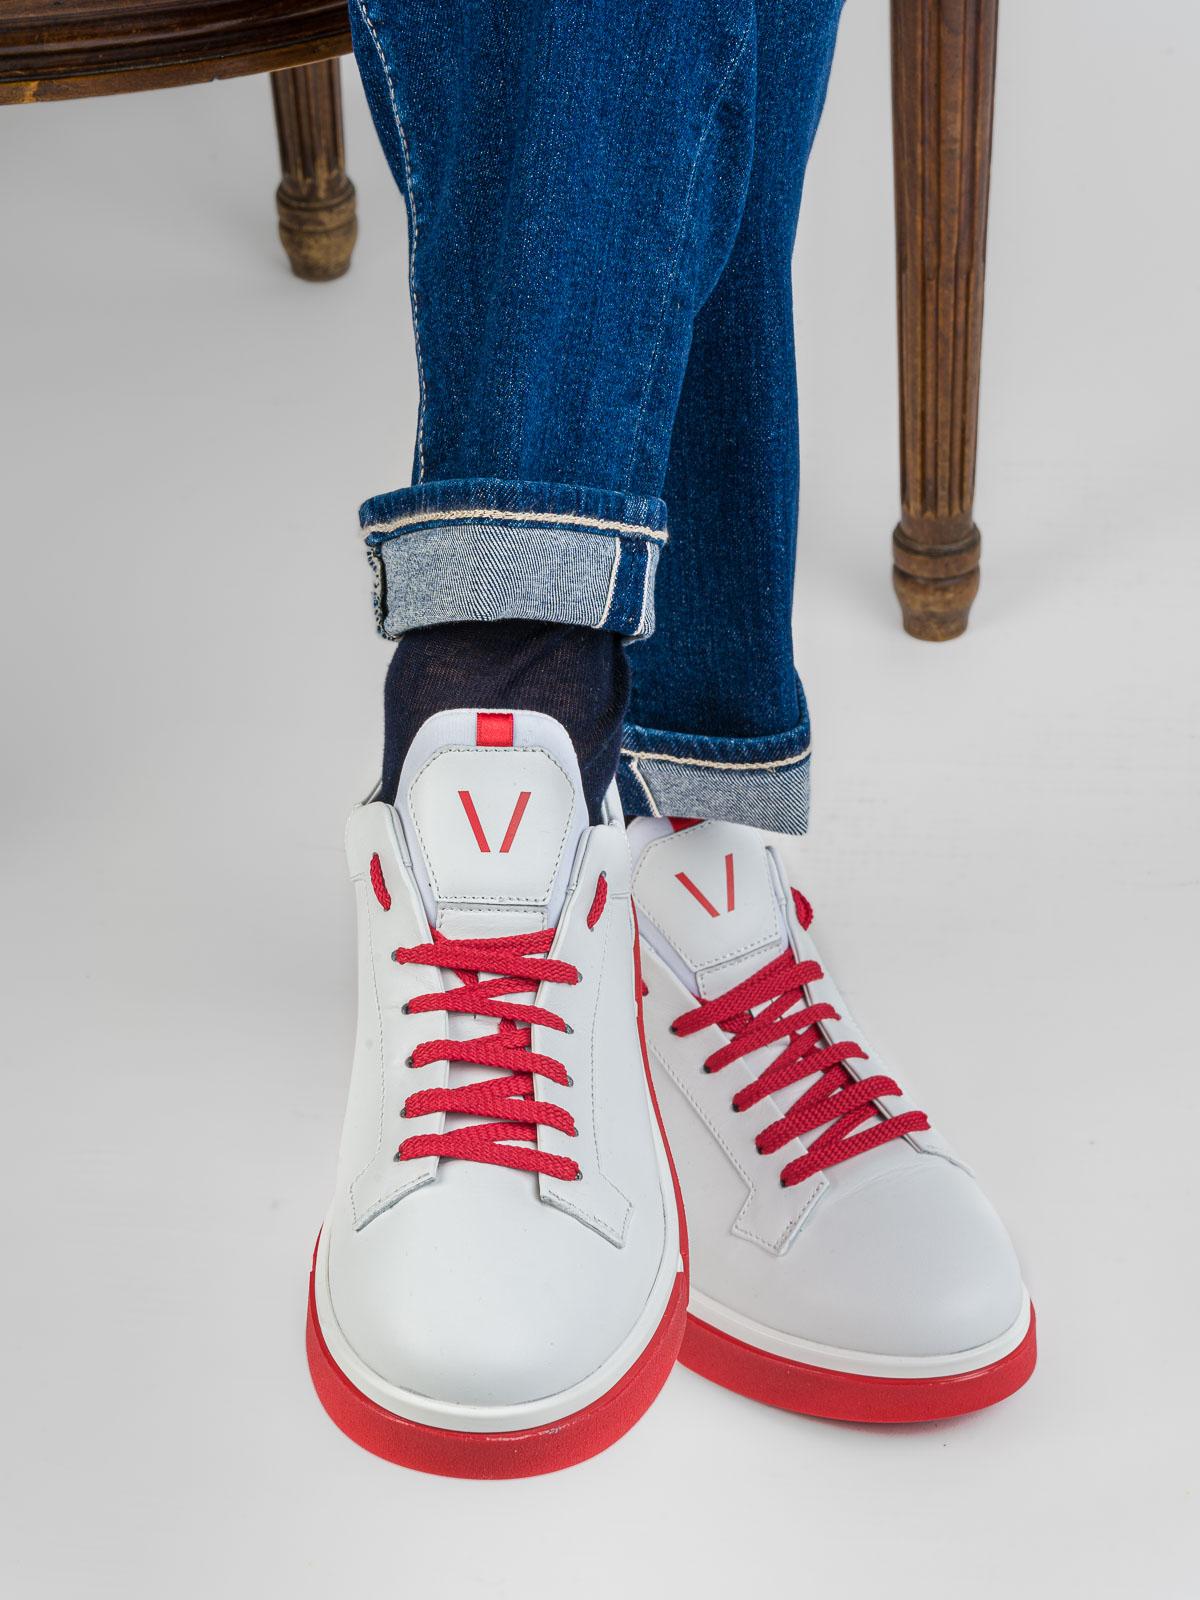 V DESIGN SNEAKER WHITE/RED